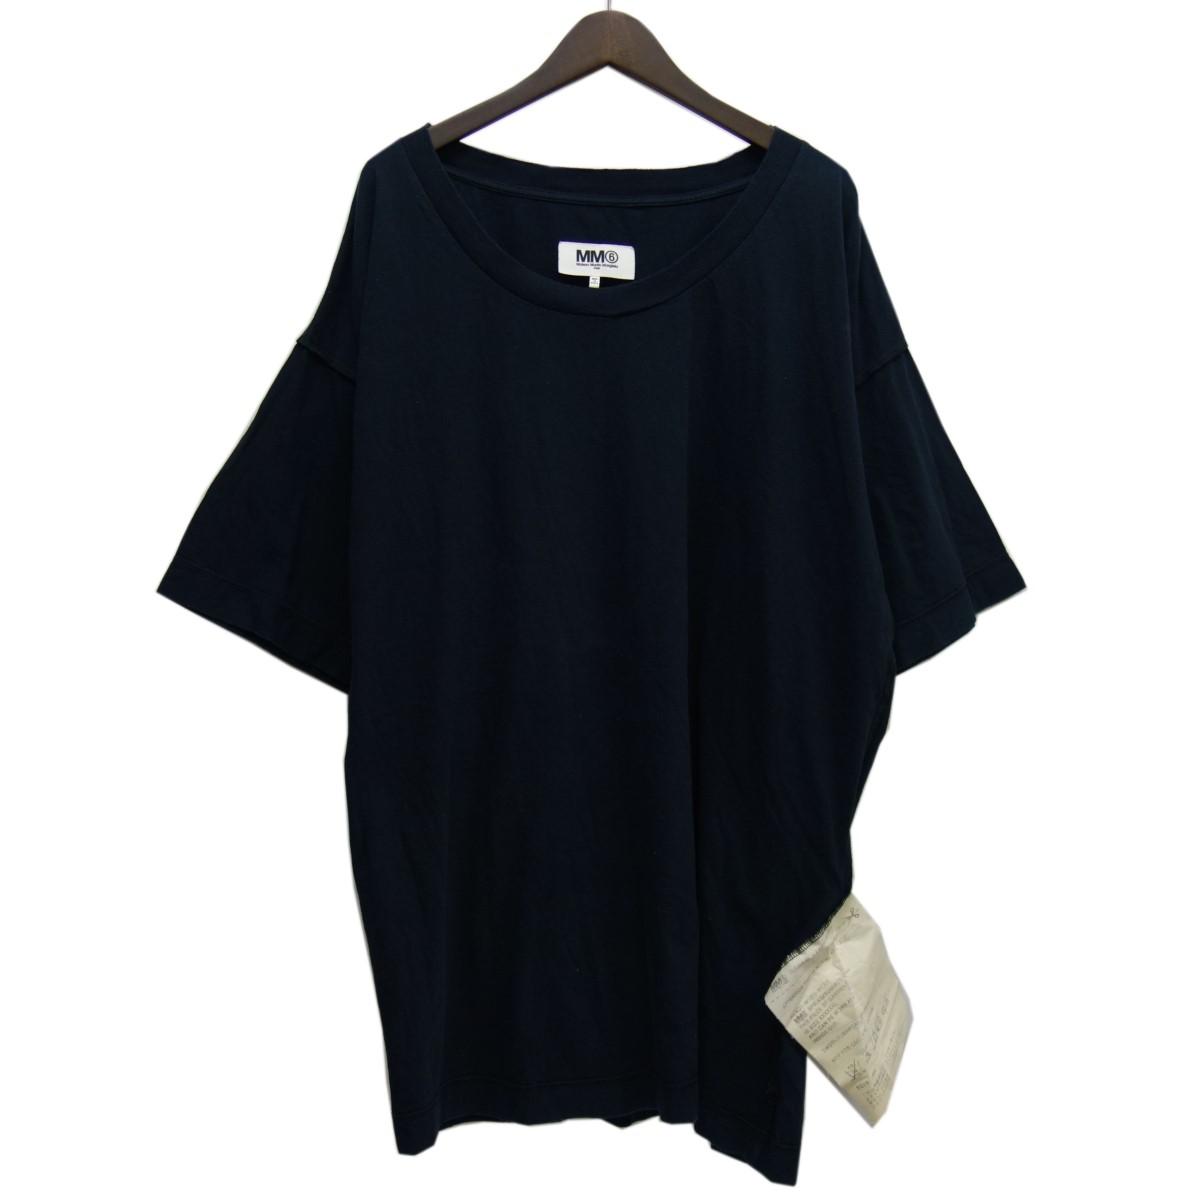 【中古】MM6 15SSインサイドアウトオーバーTシャツ ブラック サイズ:UNI 【190420】(エムエムシックス(マルタンマルジェラ6))